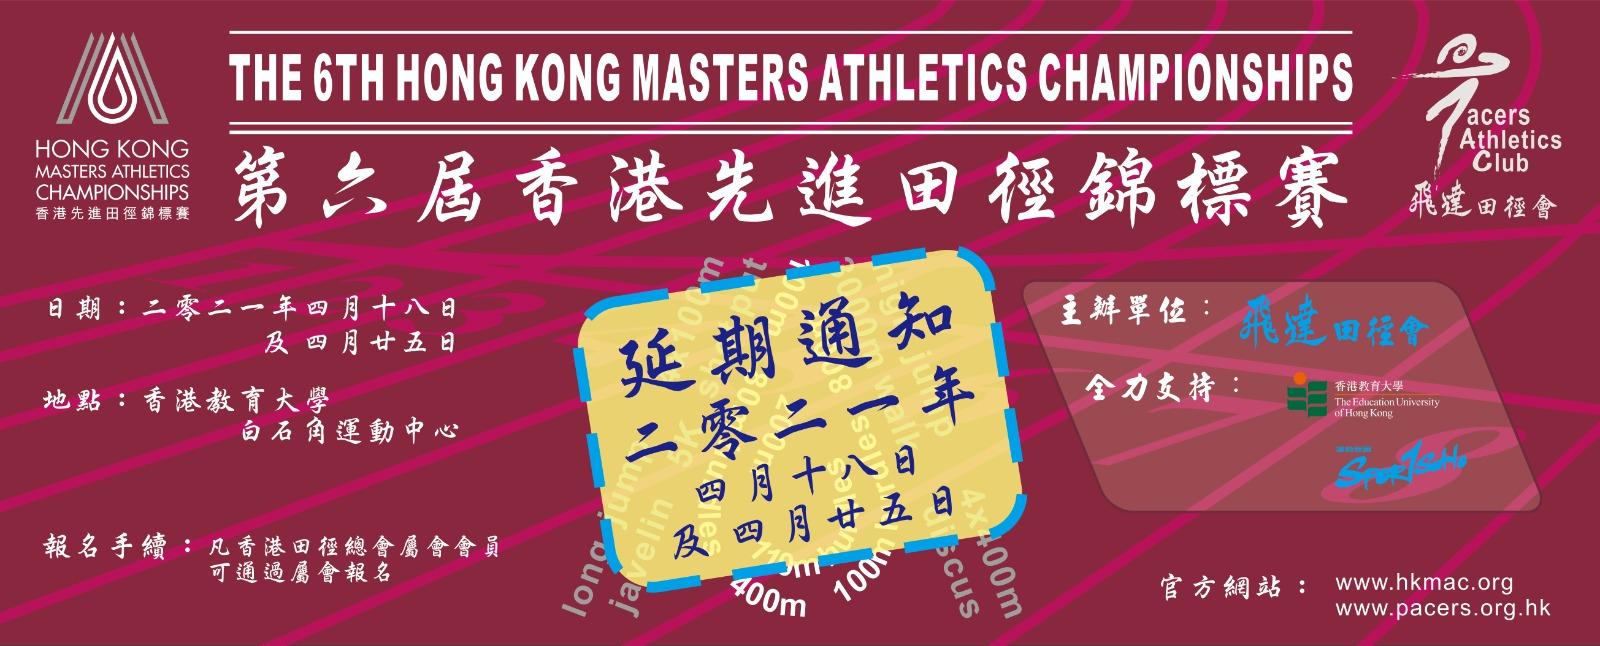 第六屆香港先進田徑錦標賽 最新消息 THE 6th HONG KONG MASTERS ATHLETICS CHAMPIONSHIPS Updated Details